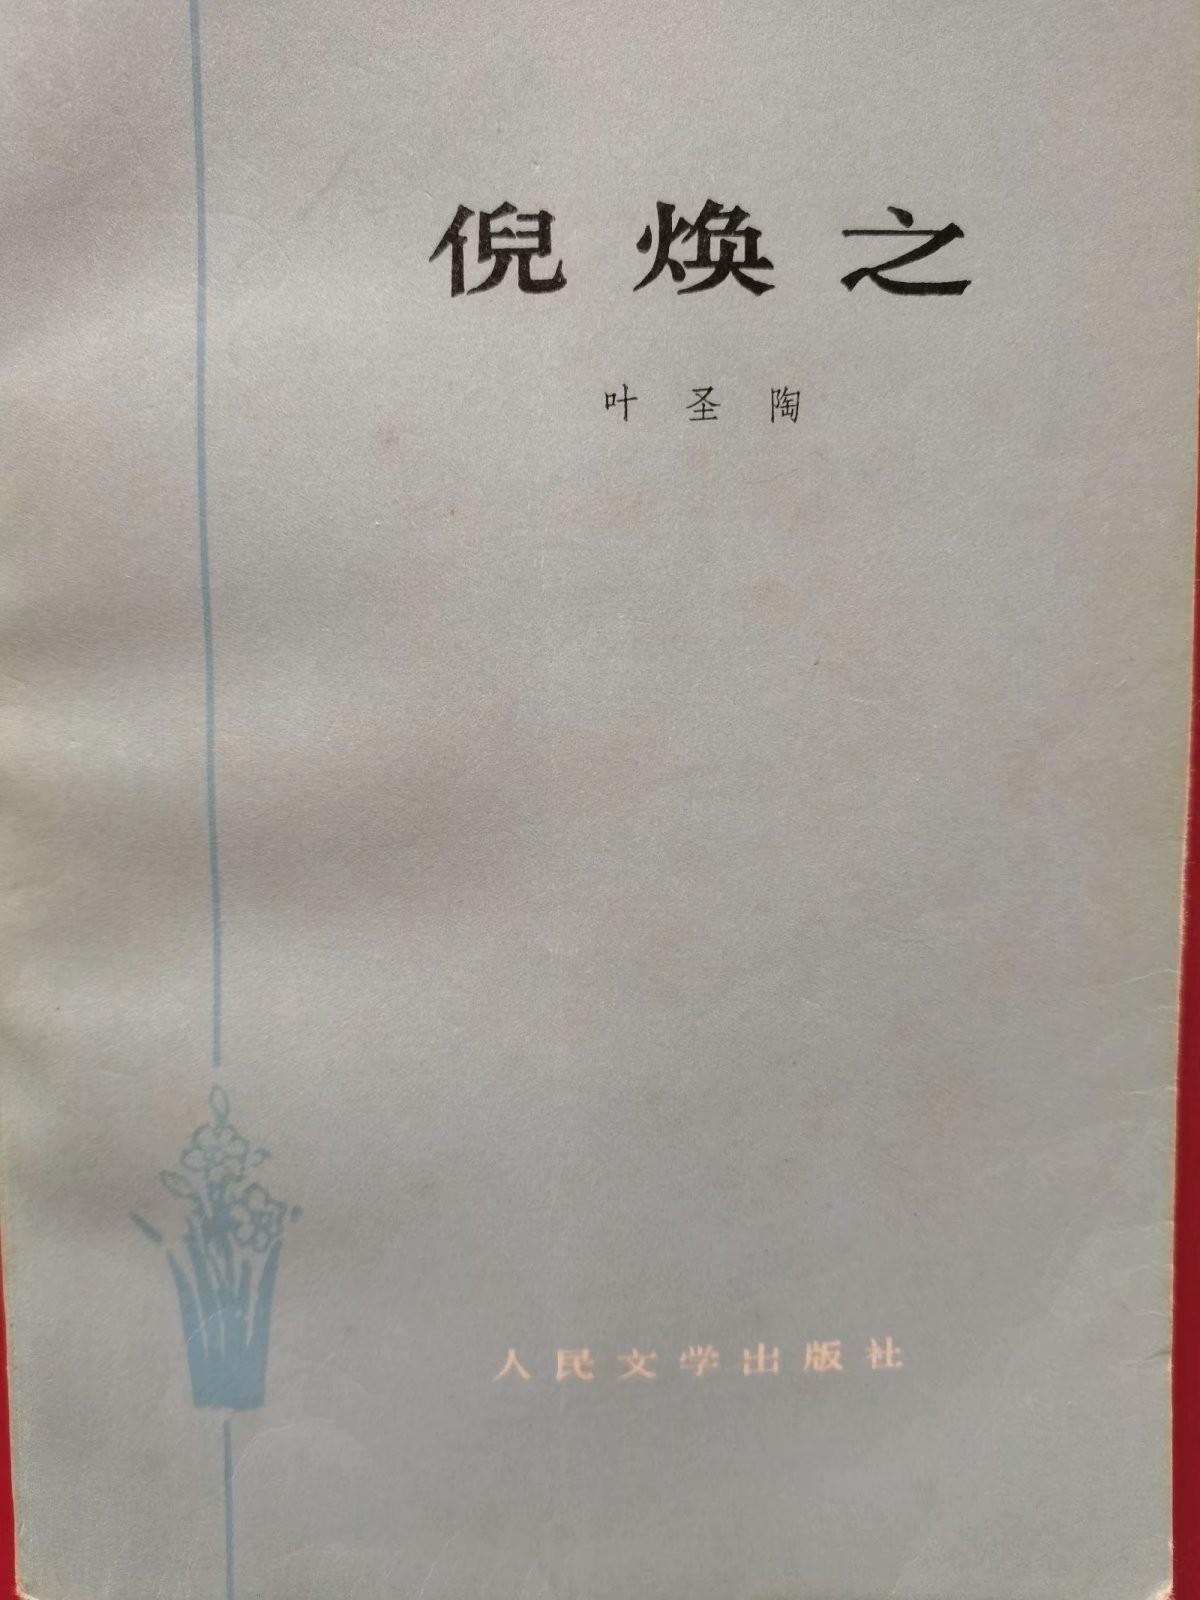 日记和感想片段及叶圣陶先生的百年旧作《倪焕之》_图1-1